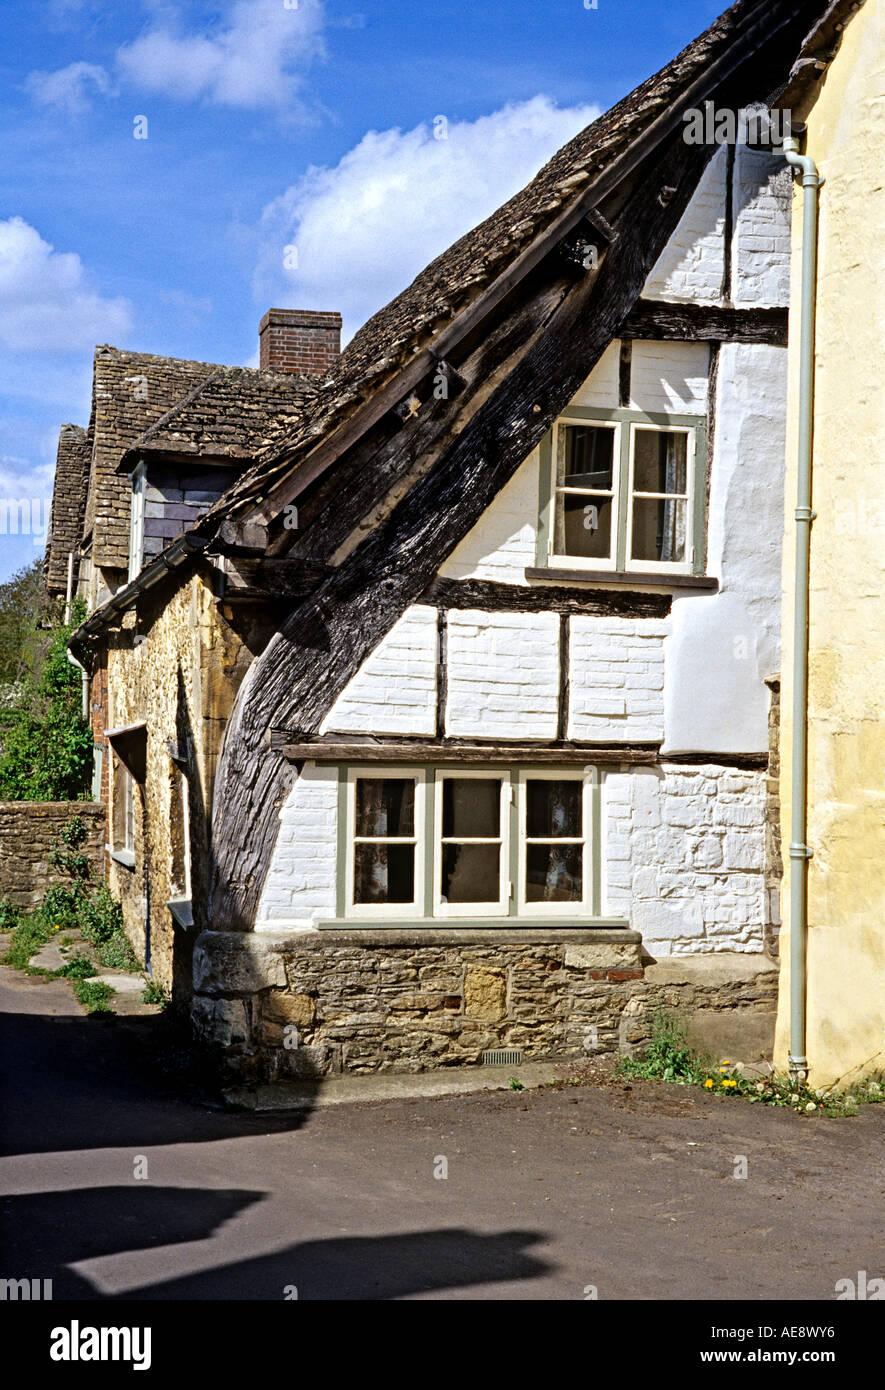 Raro esposta parzialmente cruck telaio alla fine di un periodo cottage in Lacock Chippenham WILTSHIRE REGNO UNITO Immagini Stock